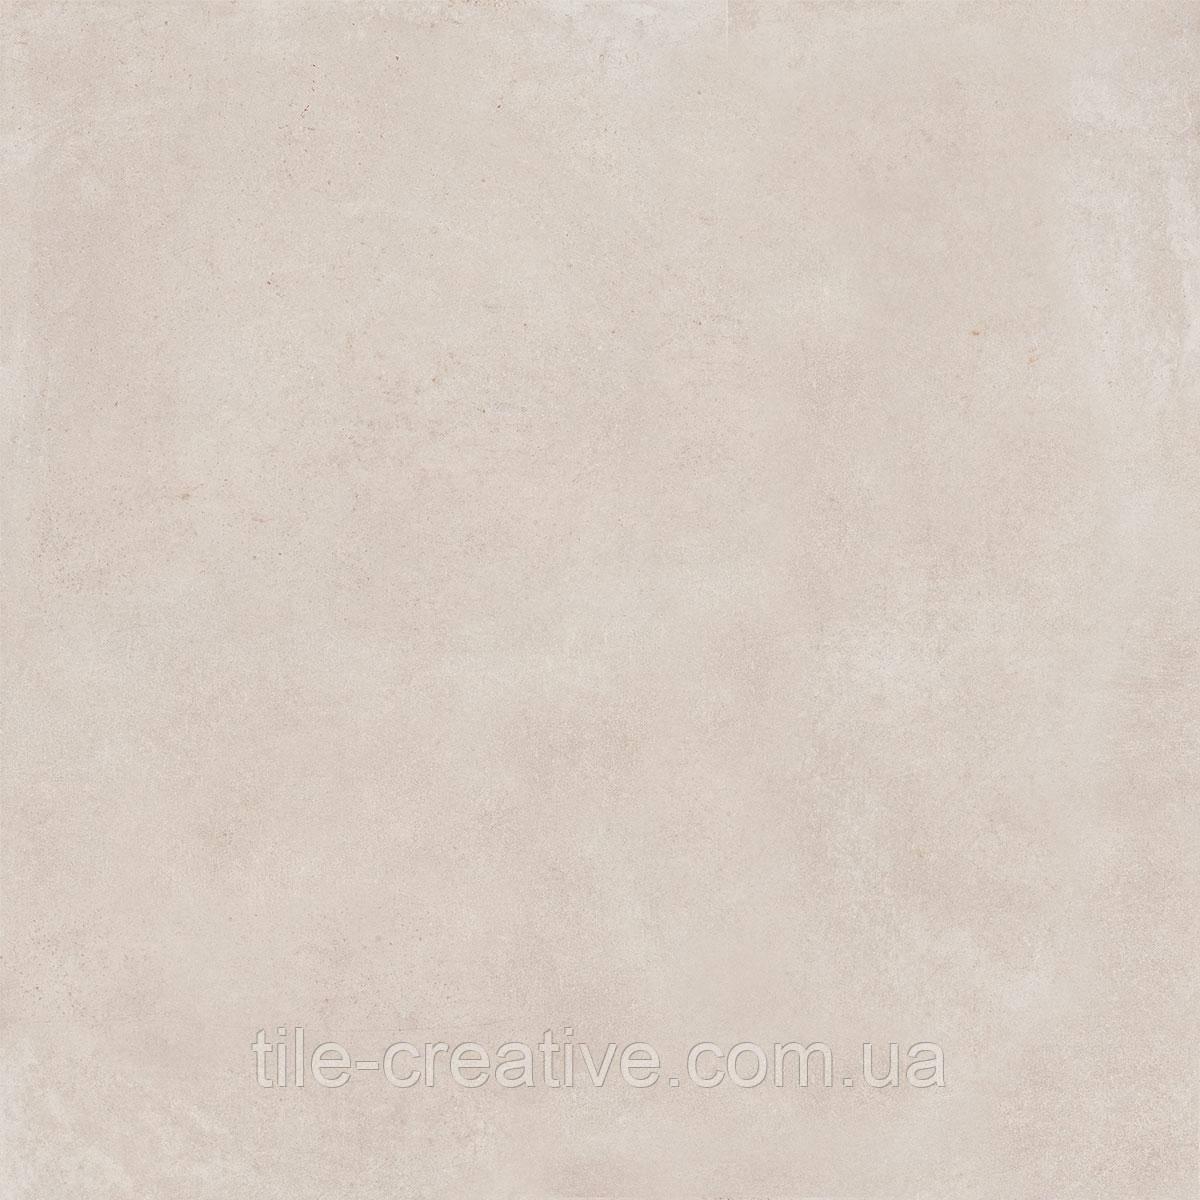 Керамическая плитка Александрия светлый 30х30х8 SG925000N